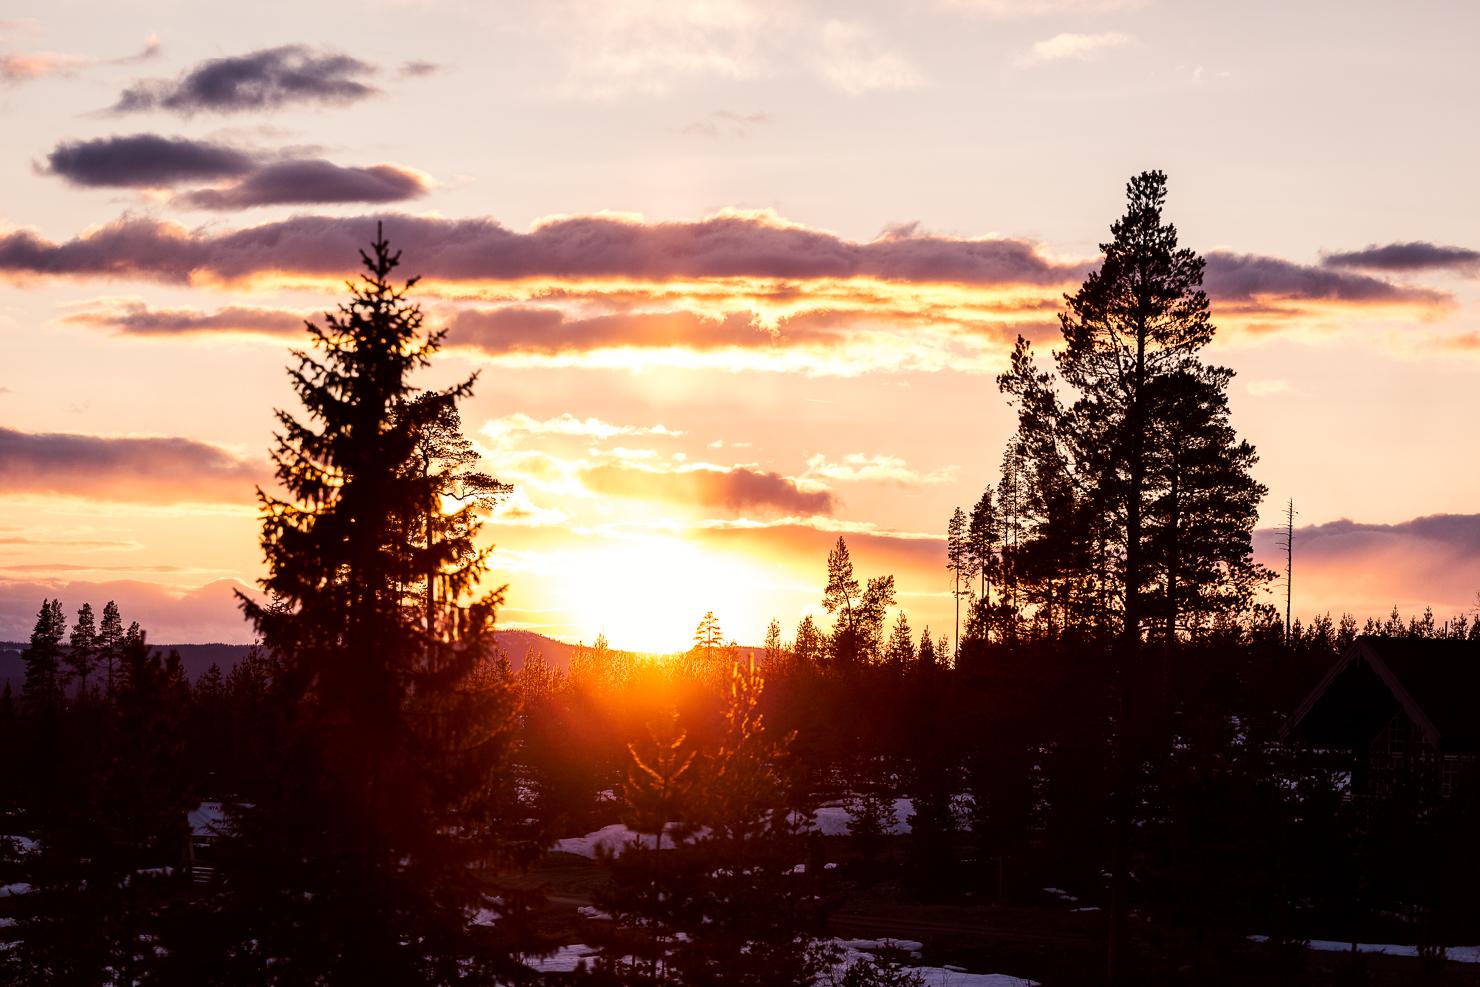 Chasing sunsets och minnen av mamma